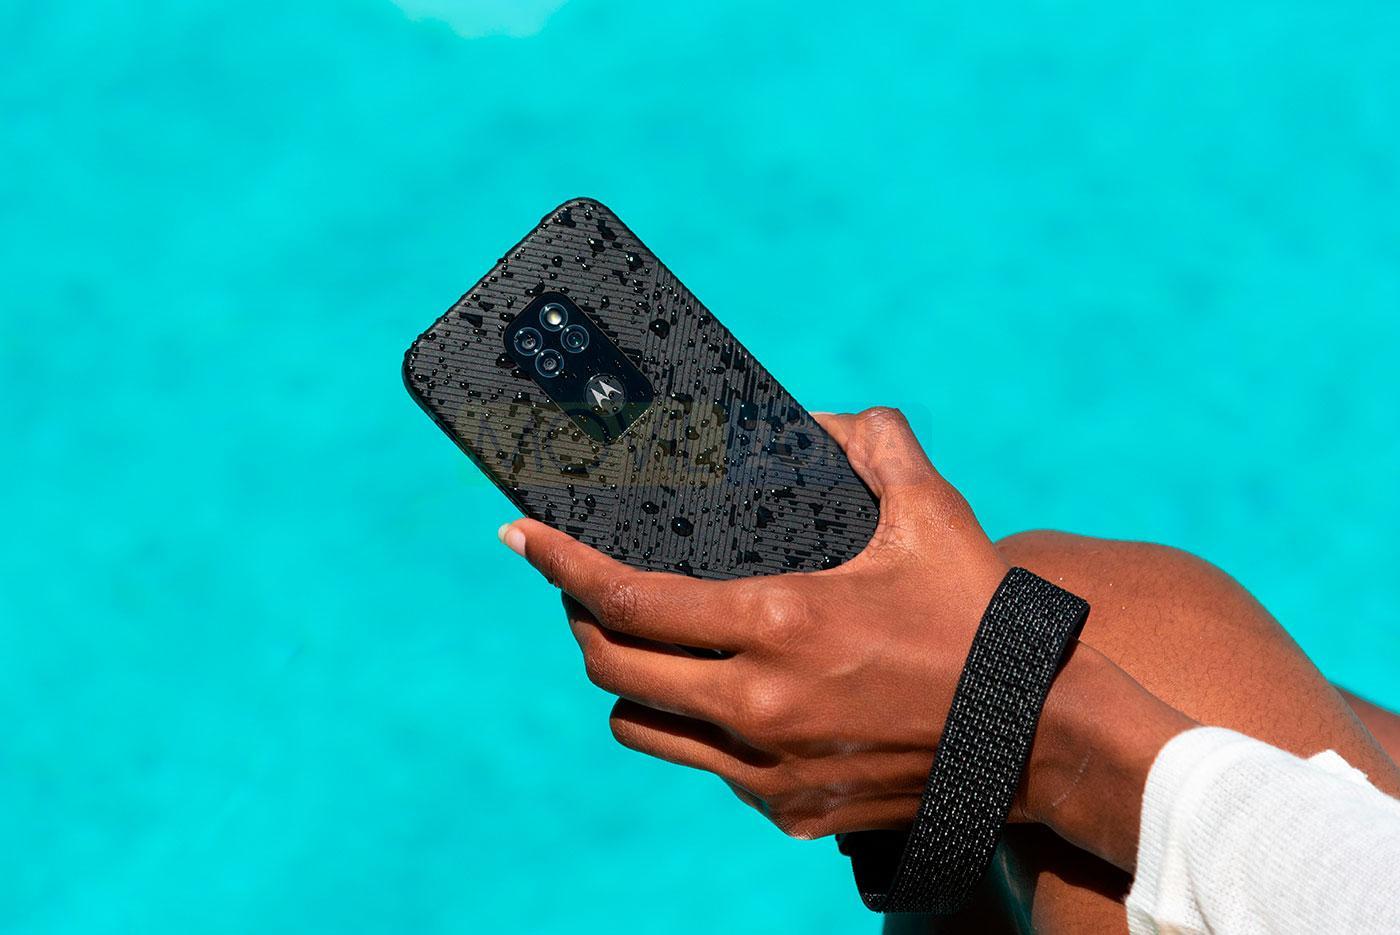 Motorola Defy en mano